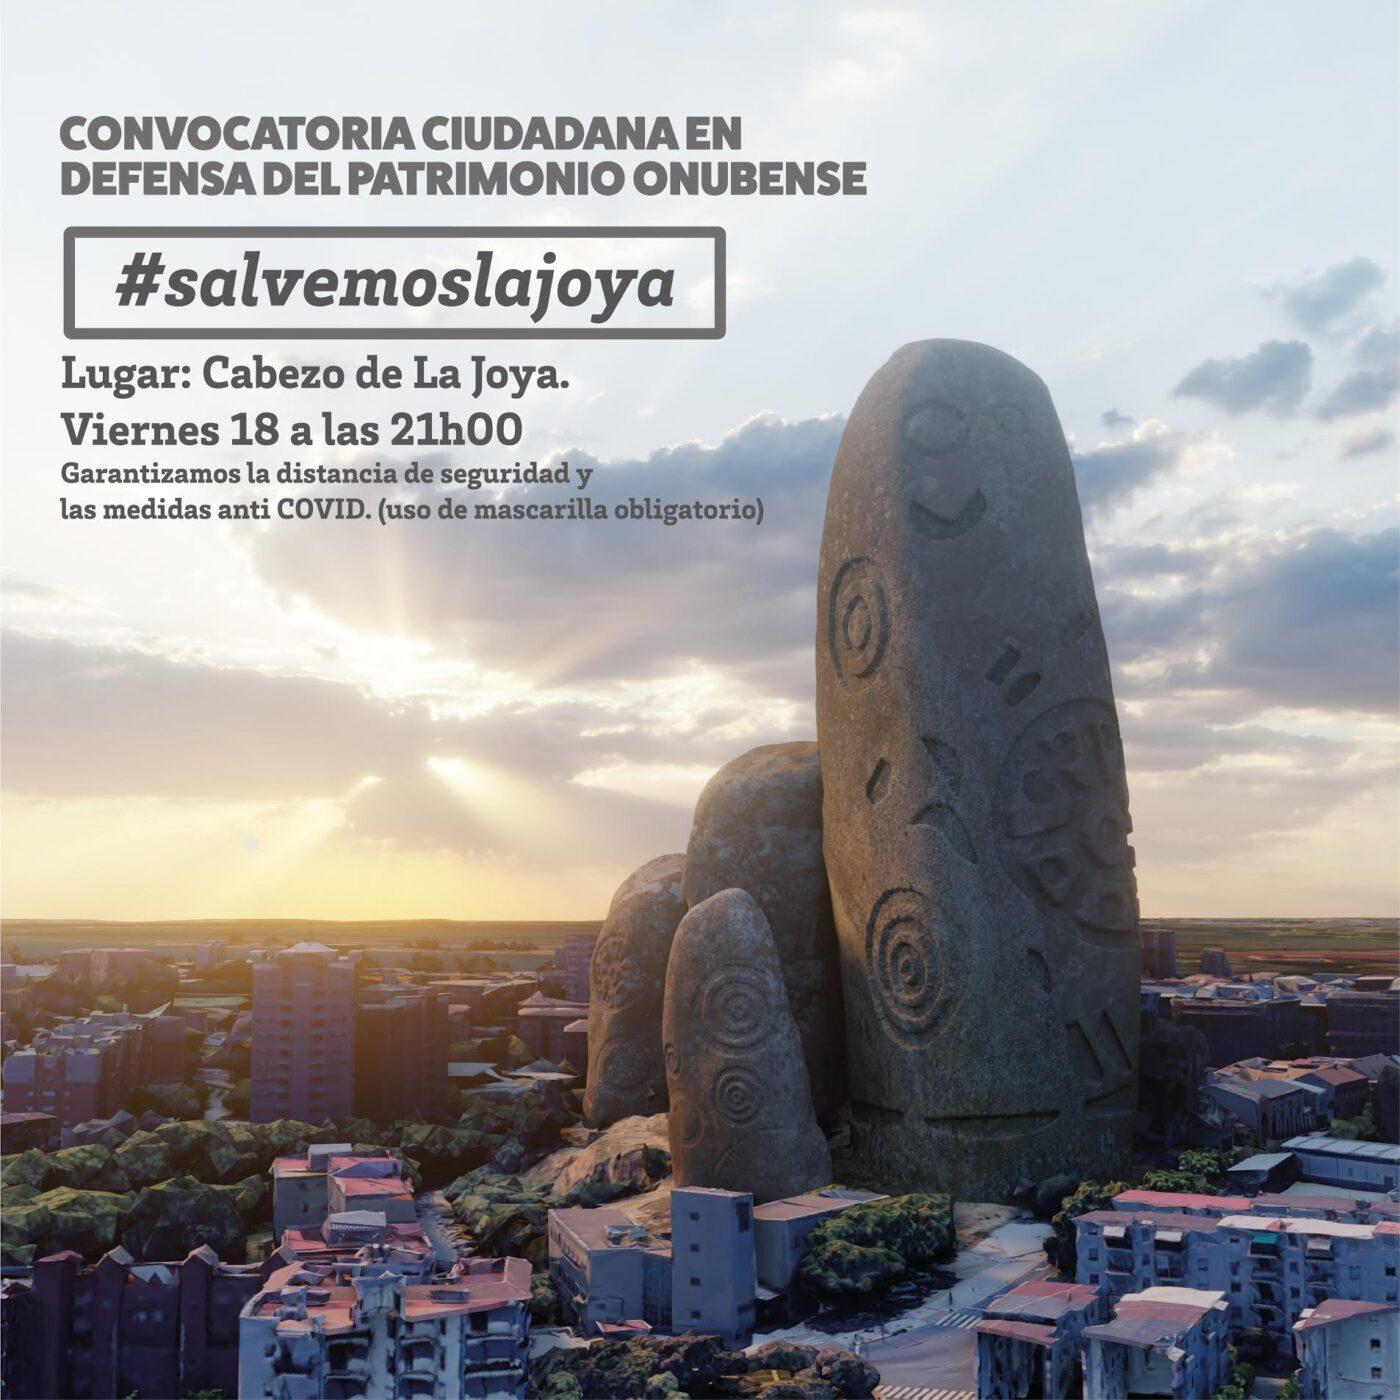 Huelva se moviliza por el Cabezo de La Joya Patrimonio Onubense